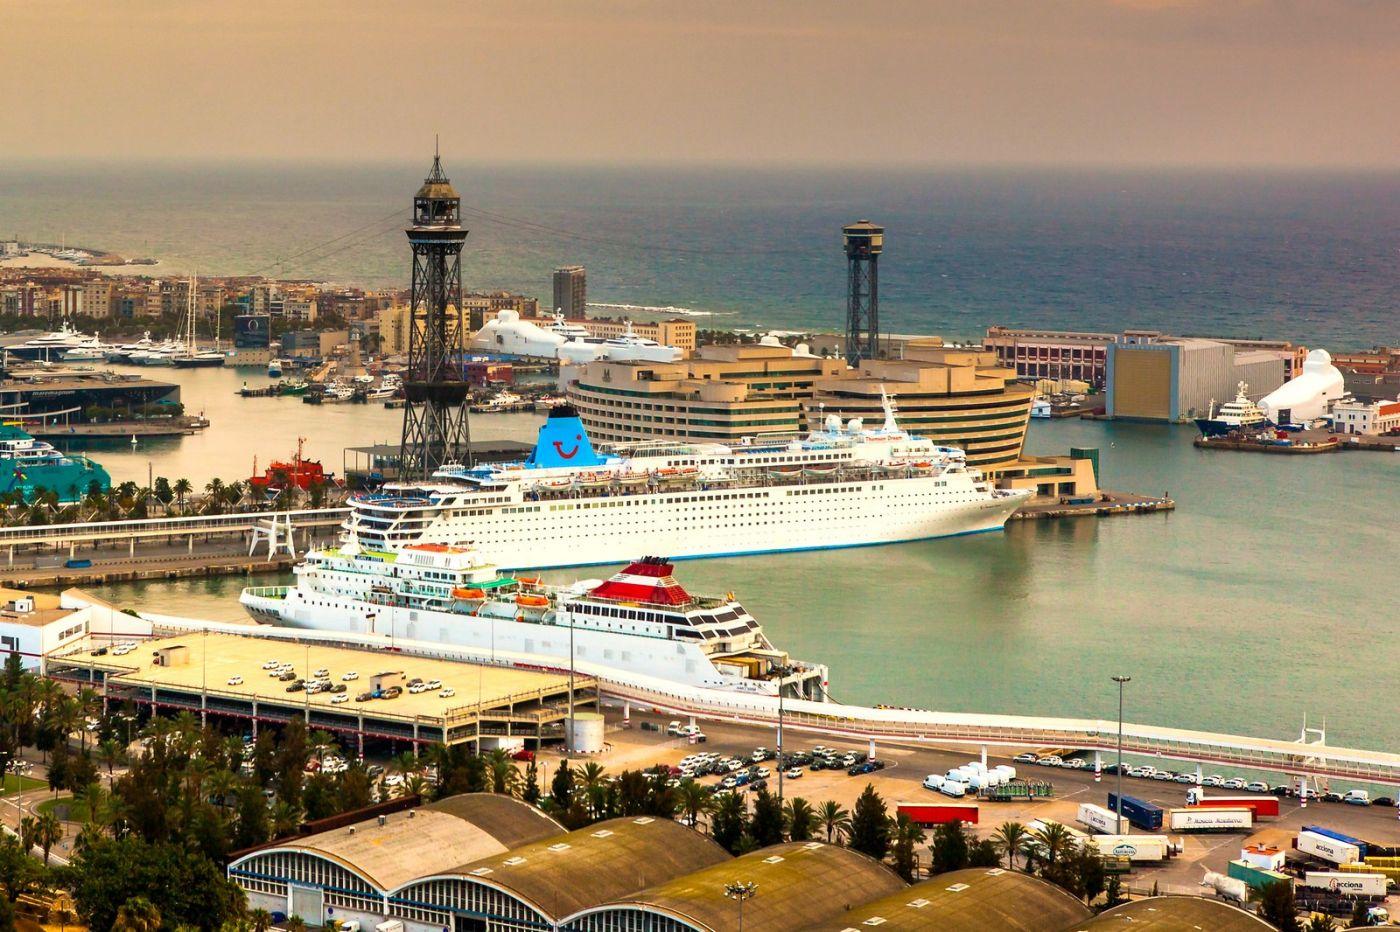 西班牙小岛,鸟瞰港景_图1-7